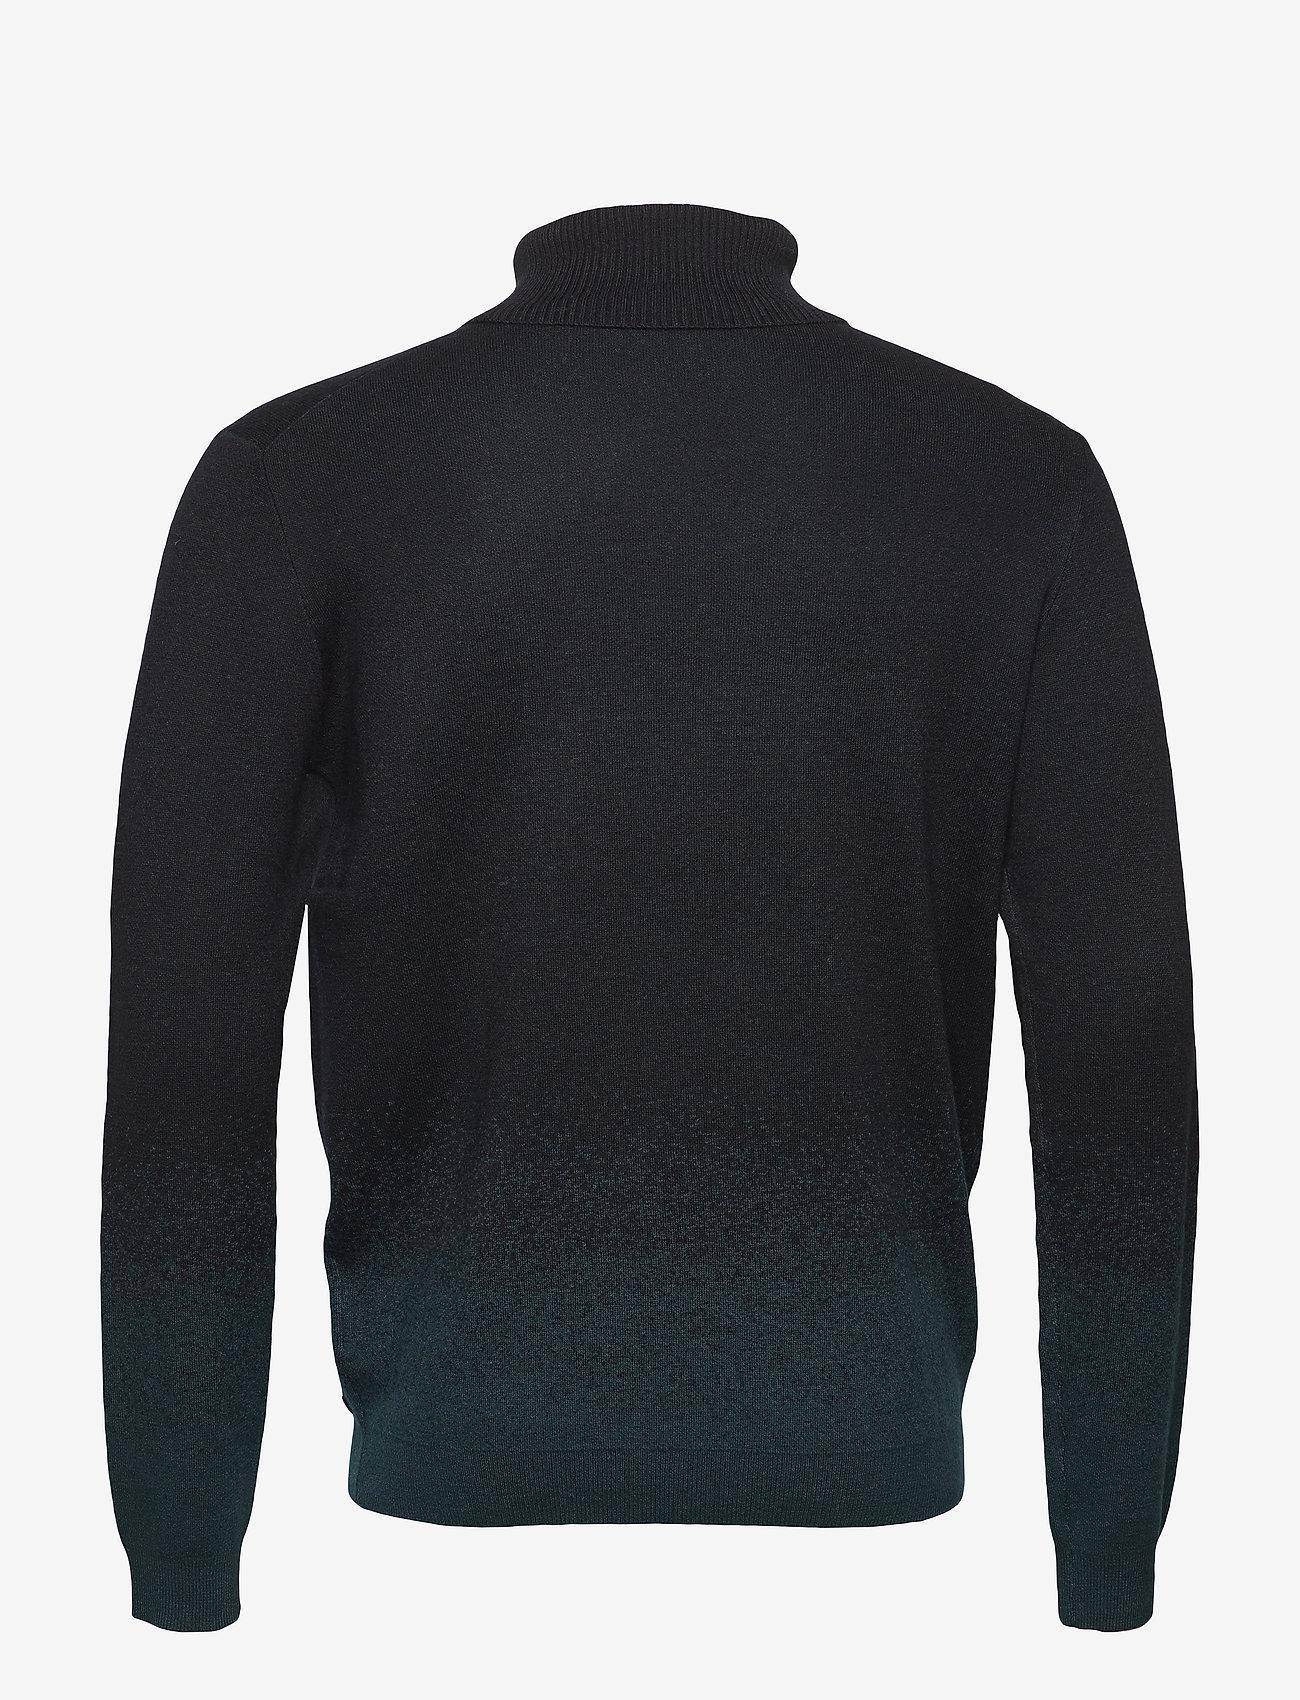 Lagerfeld Roll Neck - Knitwear